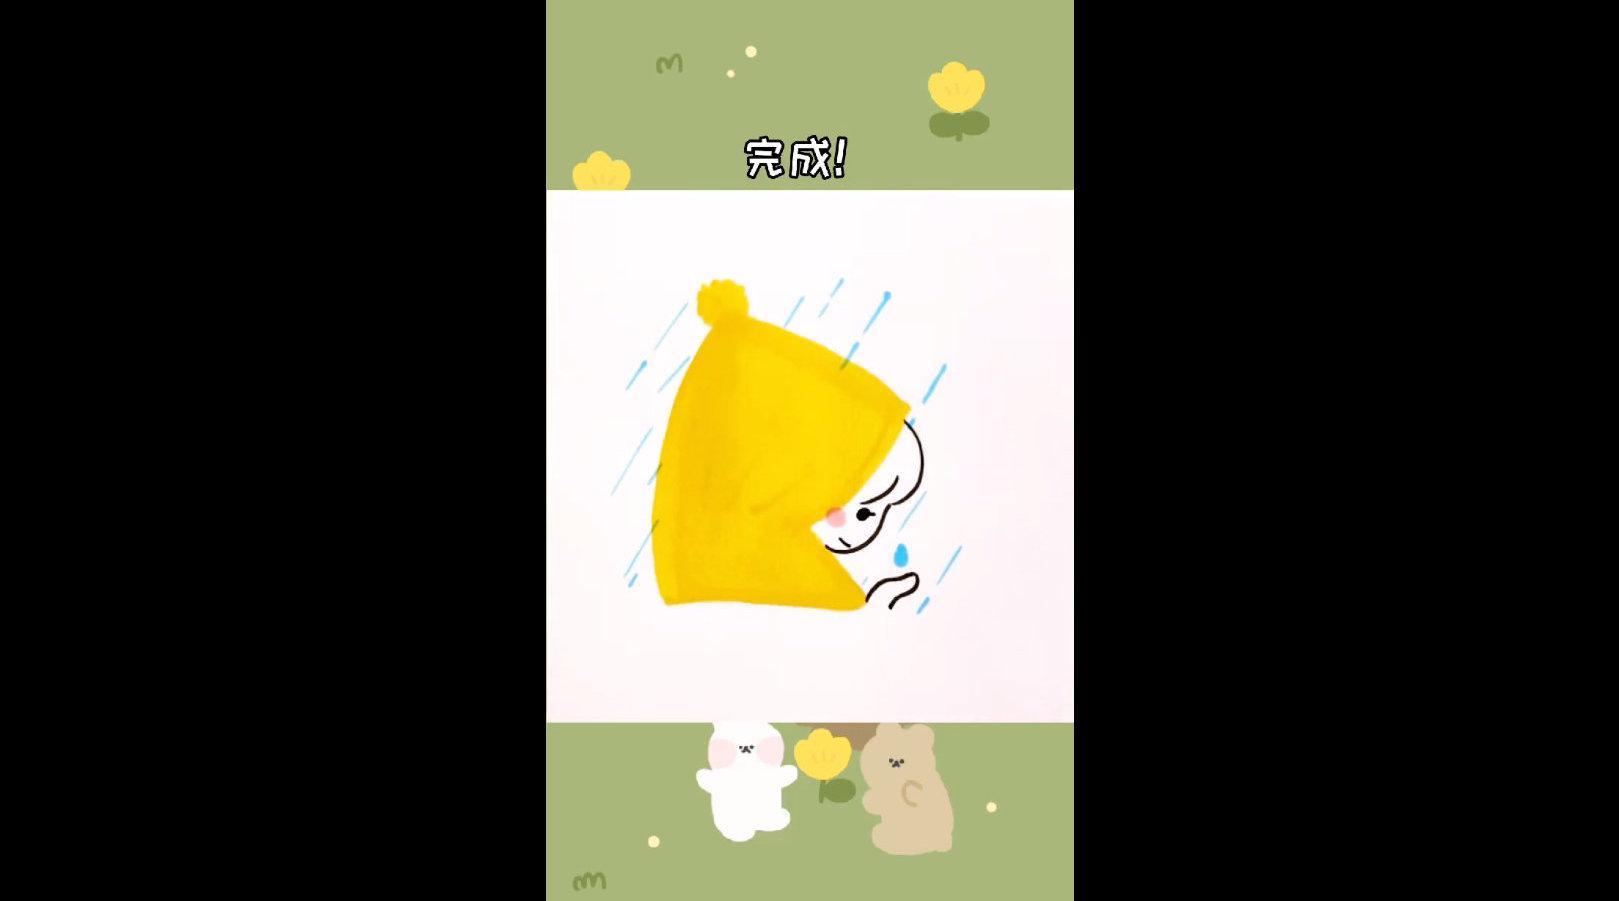 """超可爱的简笔画,用""""K""""画个小女孩,你的城市下雨了吗?"""